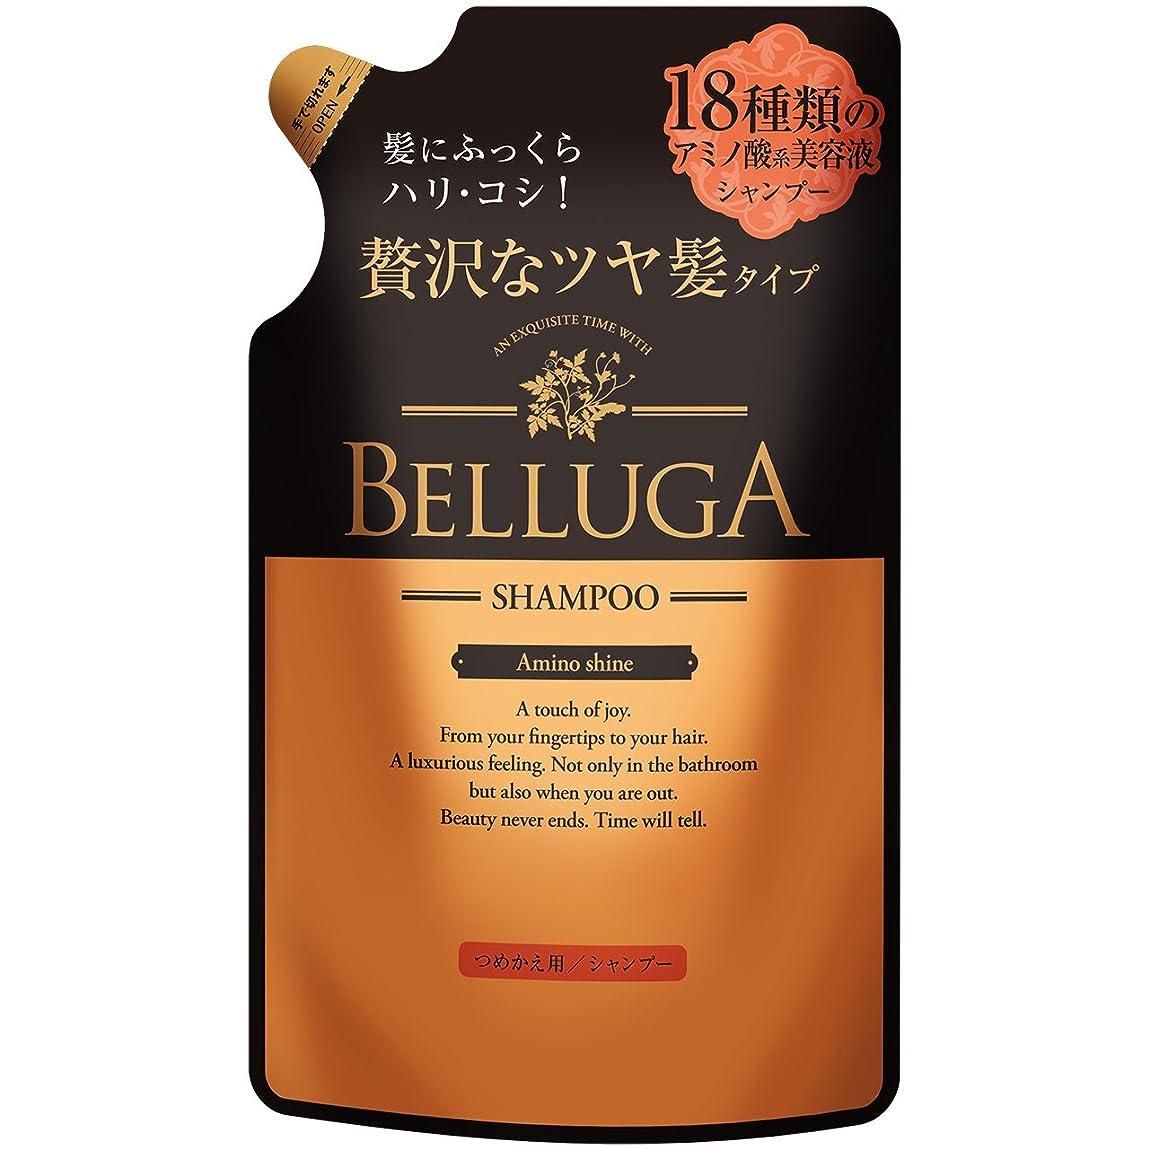 食事を調理する反対神秘的なベルーガ アミノ酸 シャンプー アミノシャイン 詰め替え 350ml